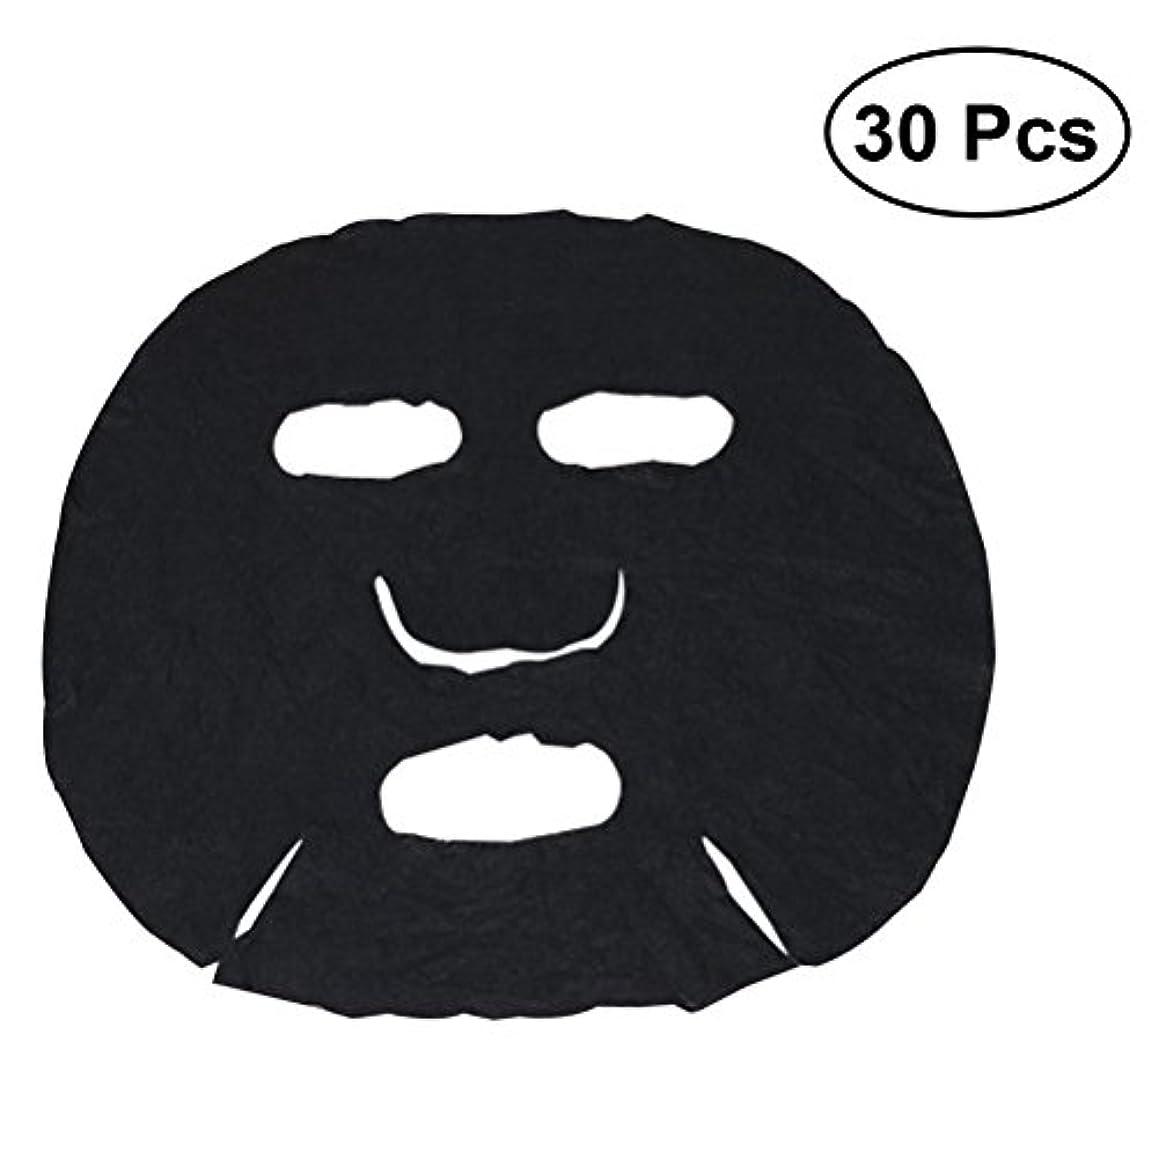 従来のによるとシーサイドFrcolor 圧縮マスク 圧縮フェイスパック 竹炭 圧縮マスクシート スキンケア DIY 30枚入り 携帯便利 使い捨て